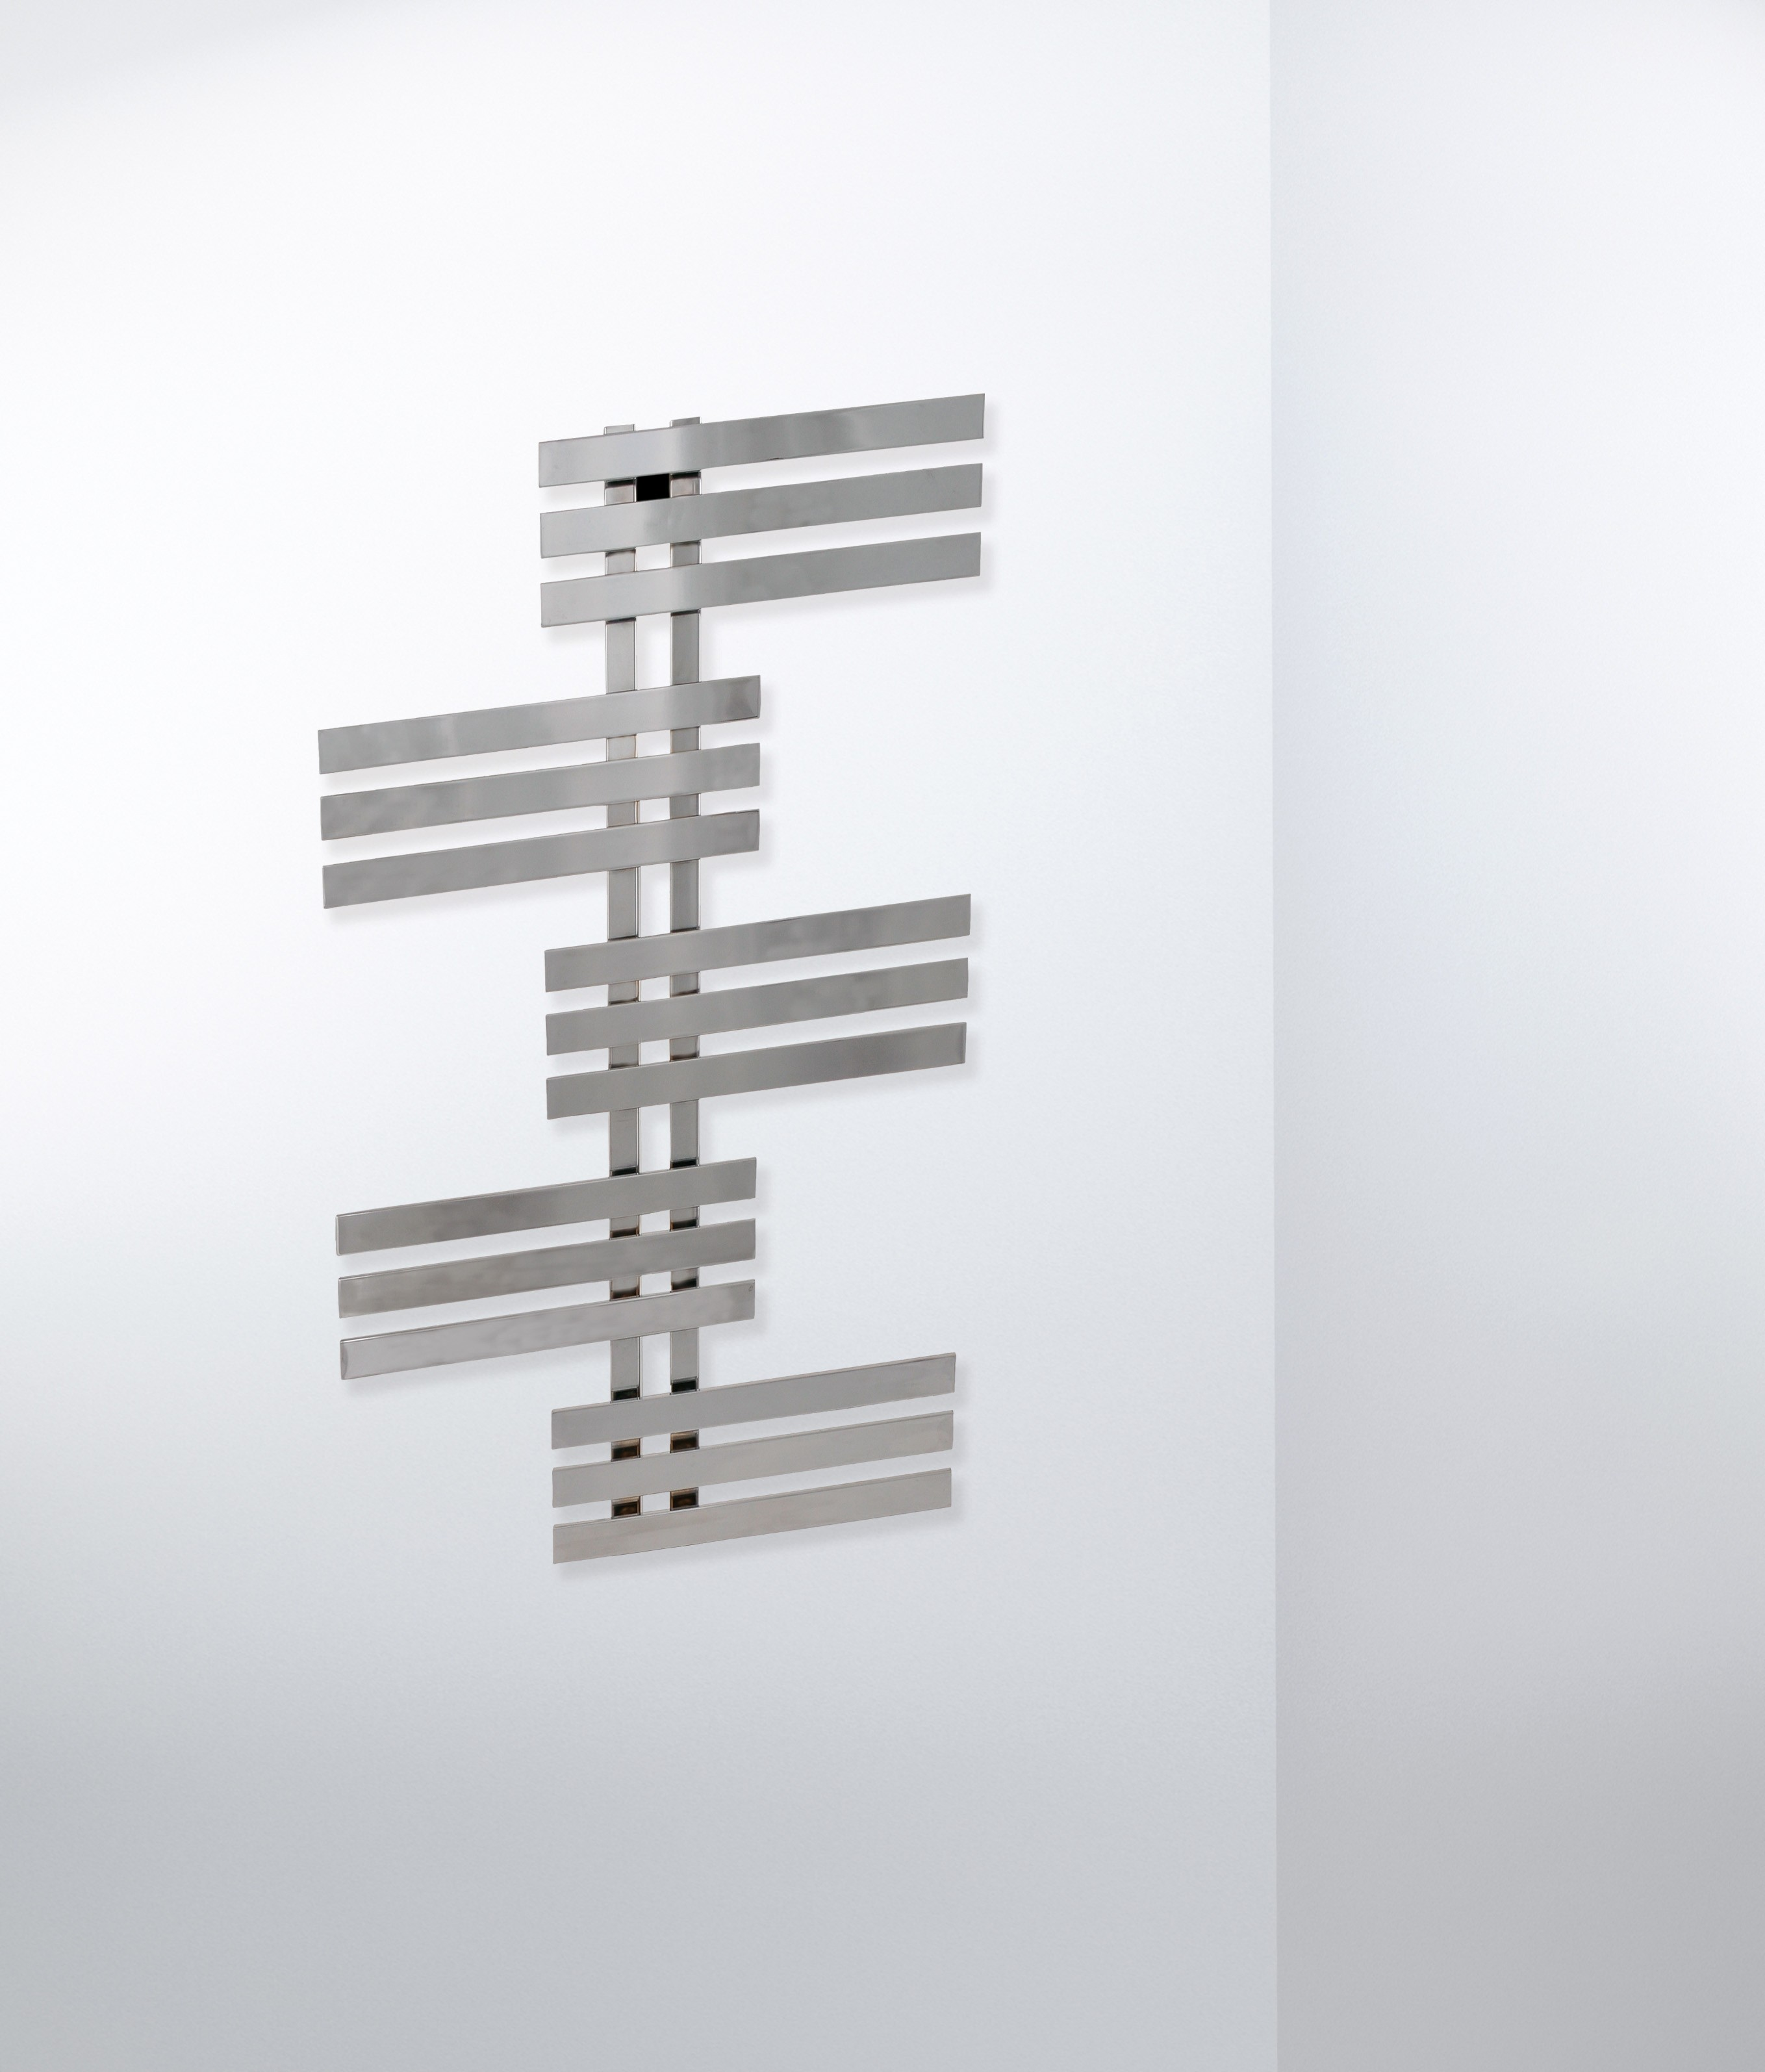 Elfie handdoek design radiator in chroom en wit